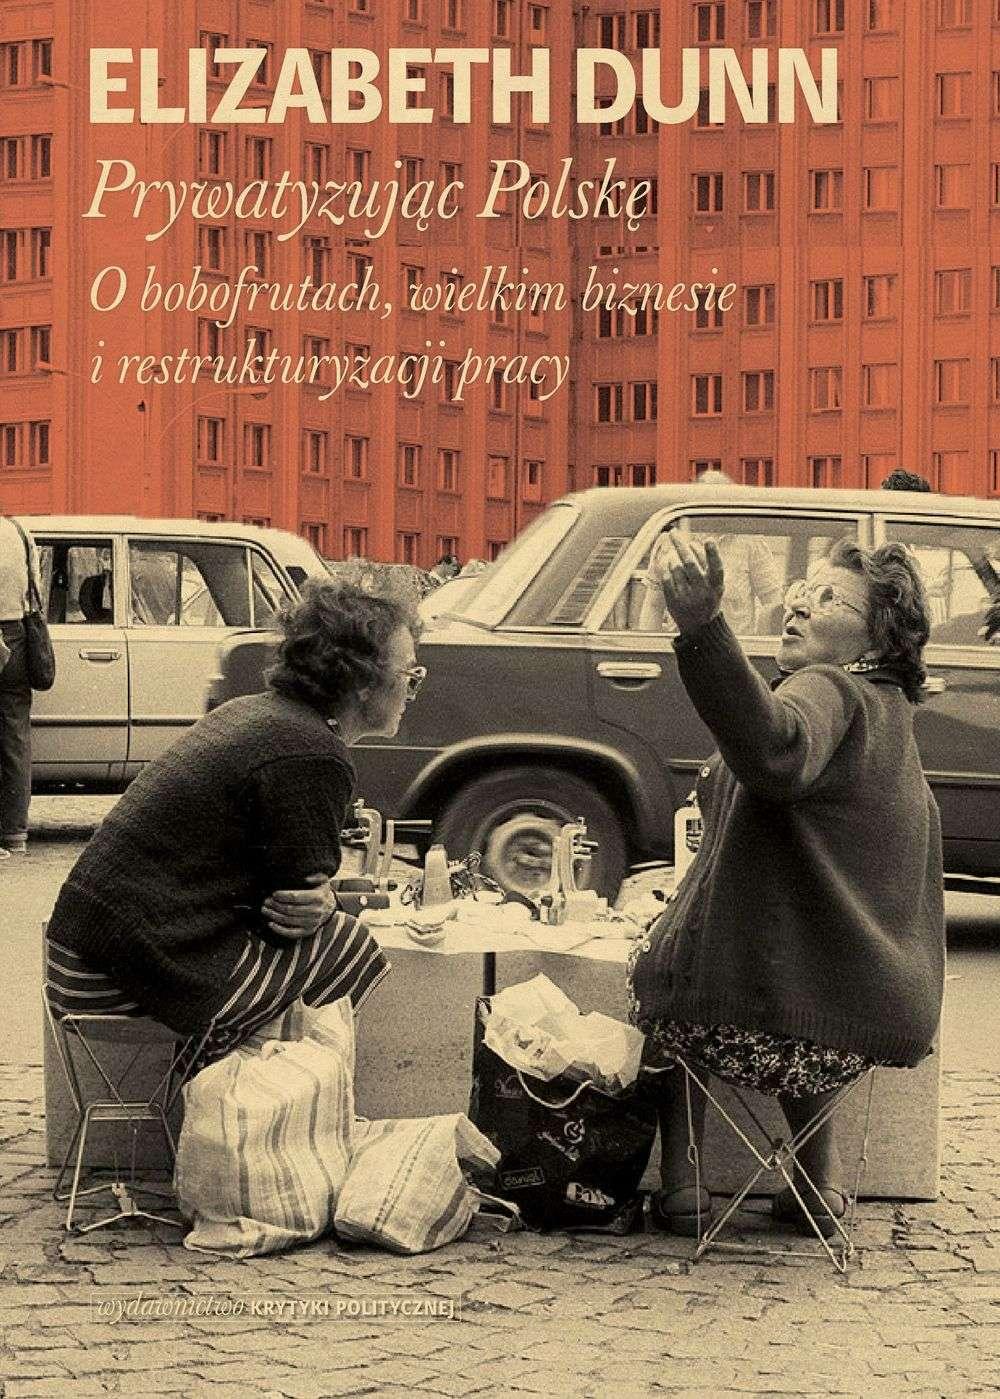 Prywatyzujac_Polske._O_bobofrutach__wielkim_biznesie_i_restrukturyzacja_pracy